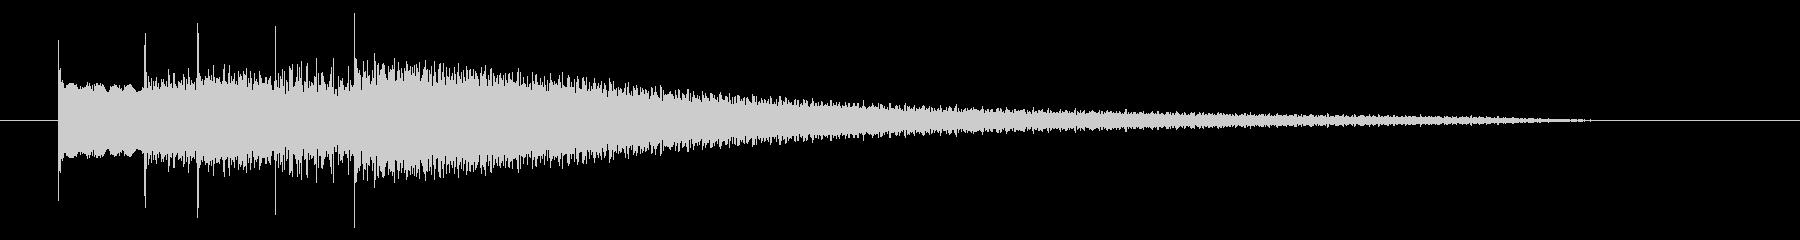 シャラララン 変身 キラーン 魔法の未再生の波形